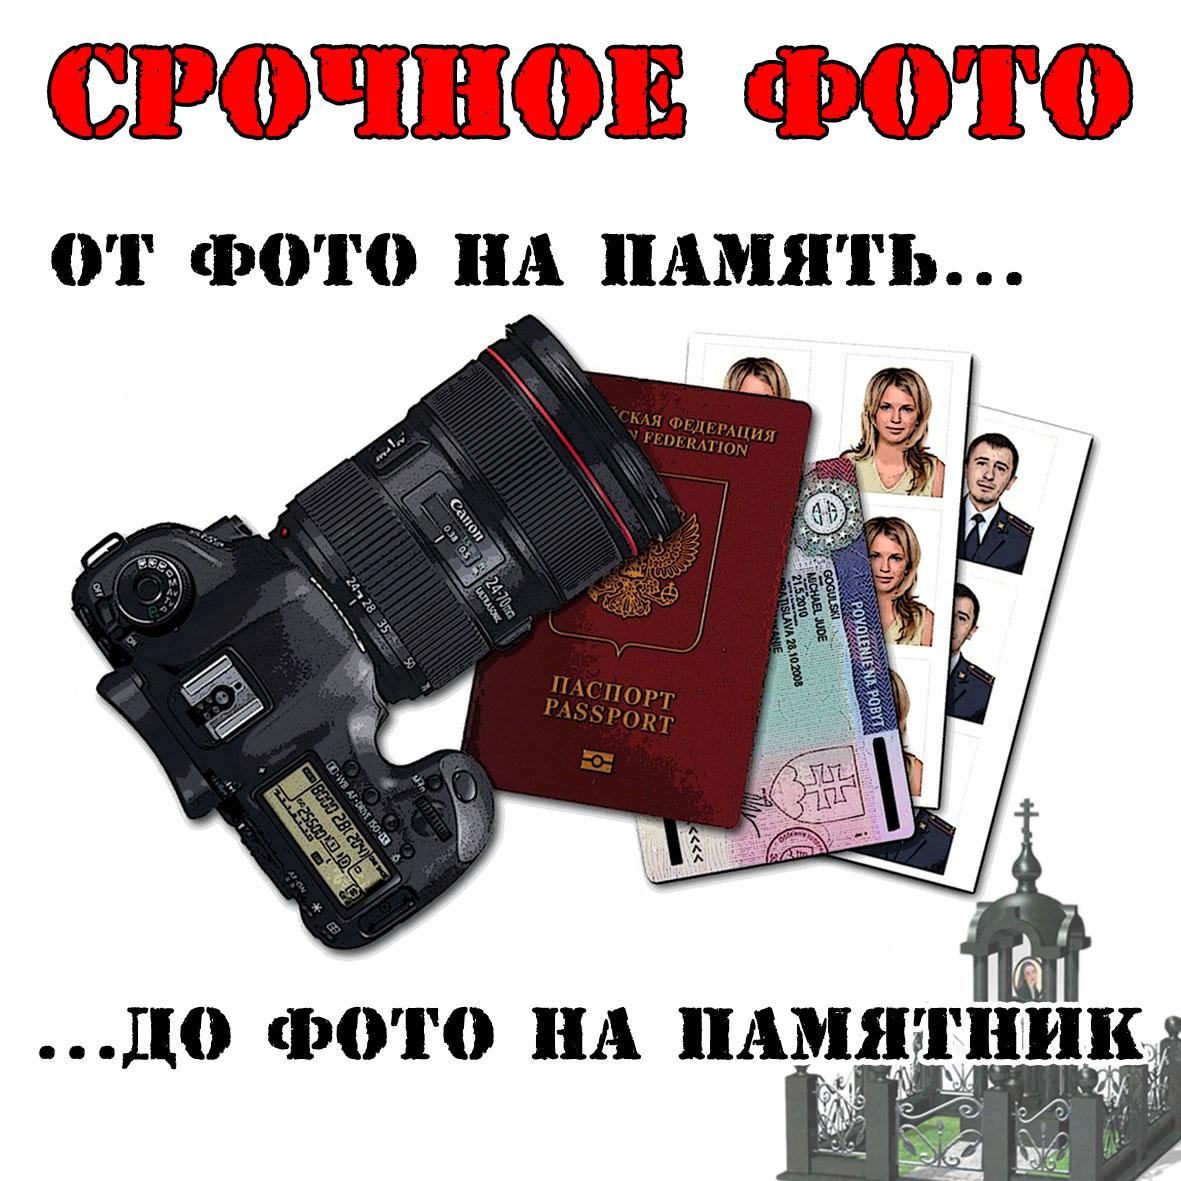 foto na dokumenty  - ФОТО НА ДОКУМЕНТЫ